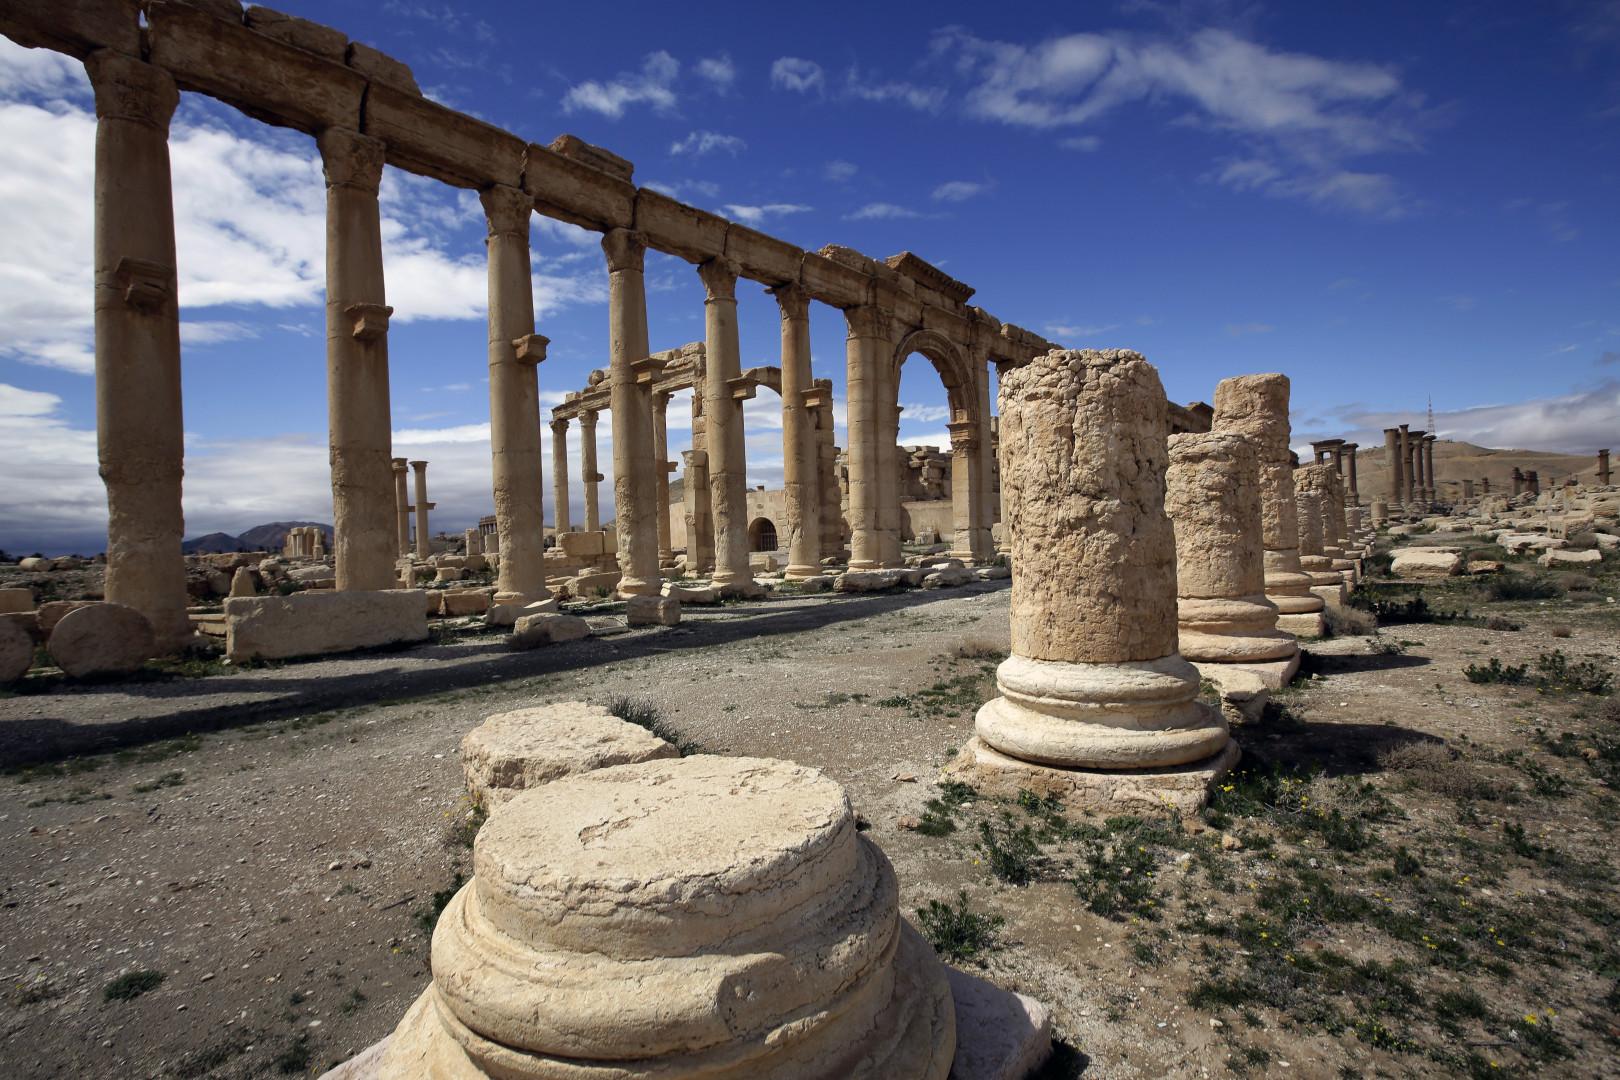 Après avoir été d'abord repoussées, les forces de l'EI ont pris le contrôle de la cité antique. Photo datant du 14 mars 2014